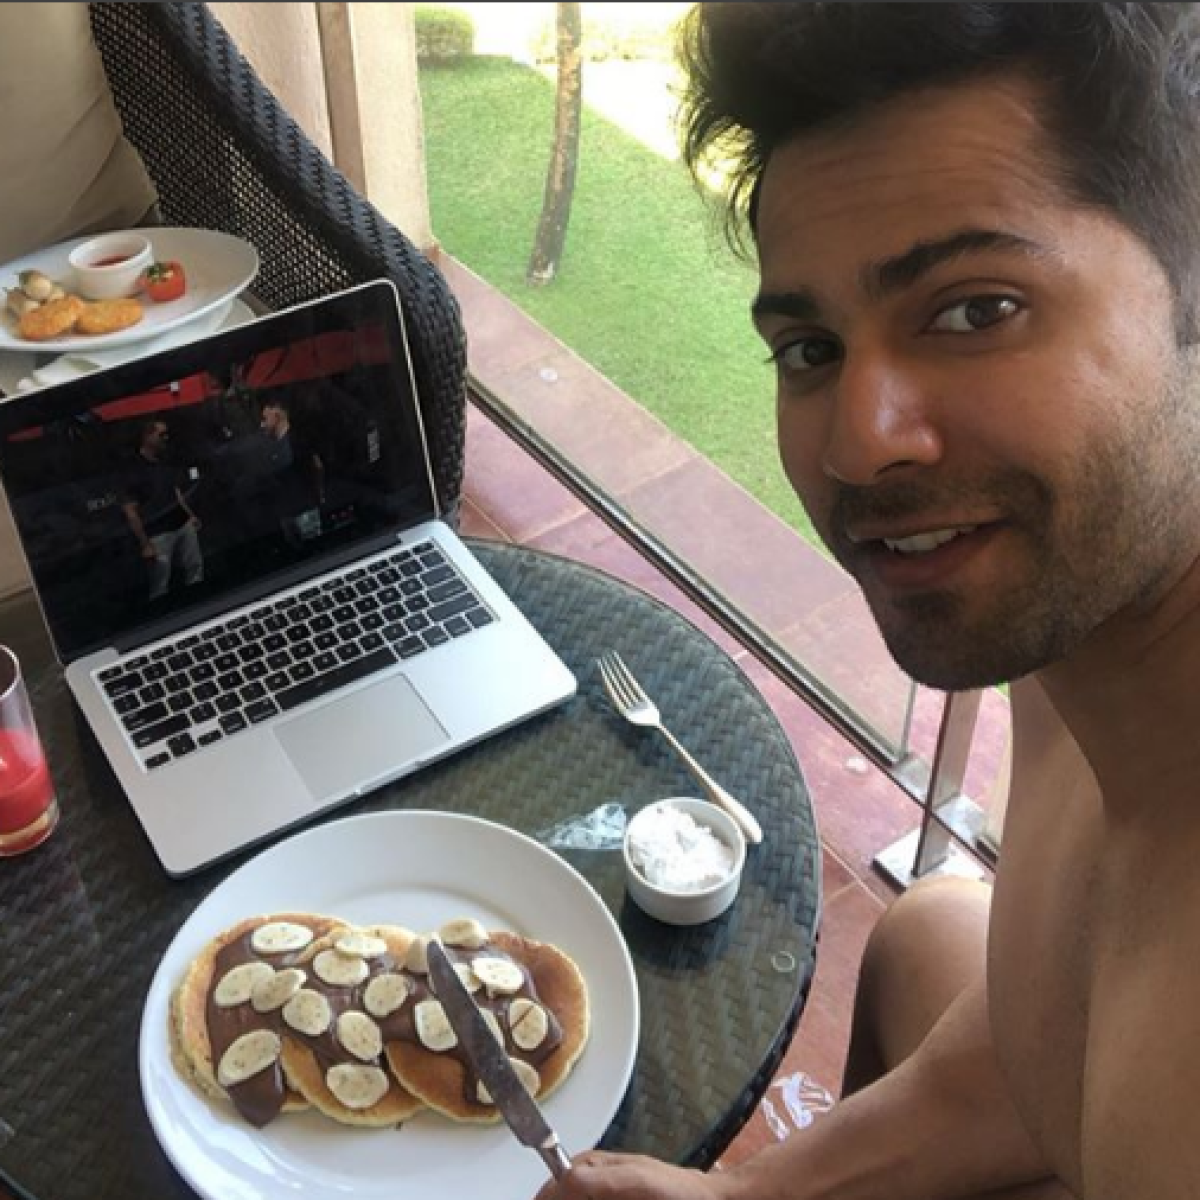 Ek number breakfast: Varun Dhawan gorges on pancakes to celebrate wrap up of 'Coolie No 1'